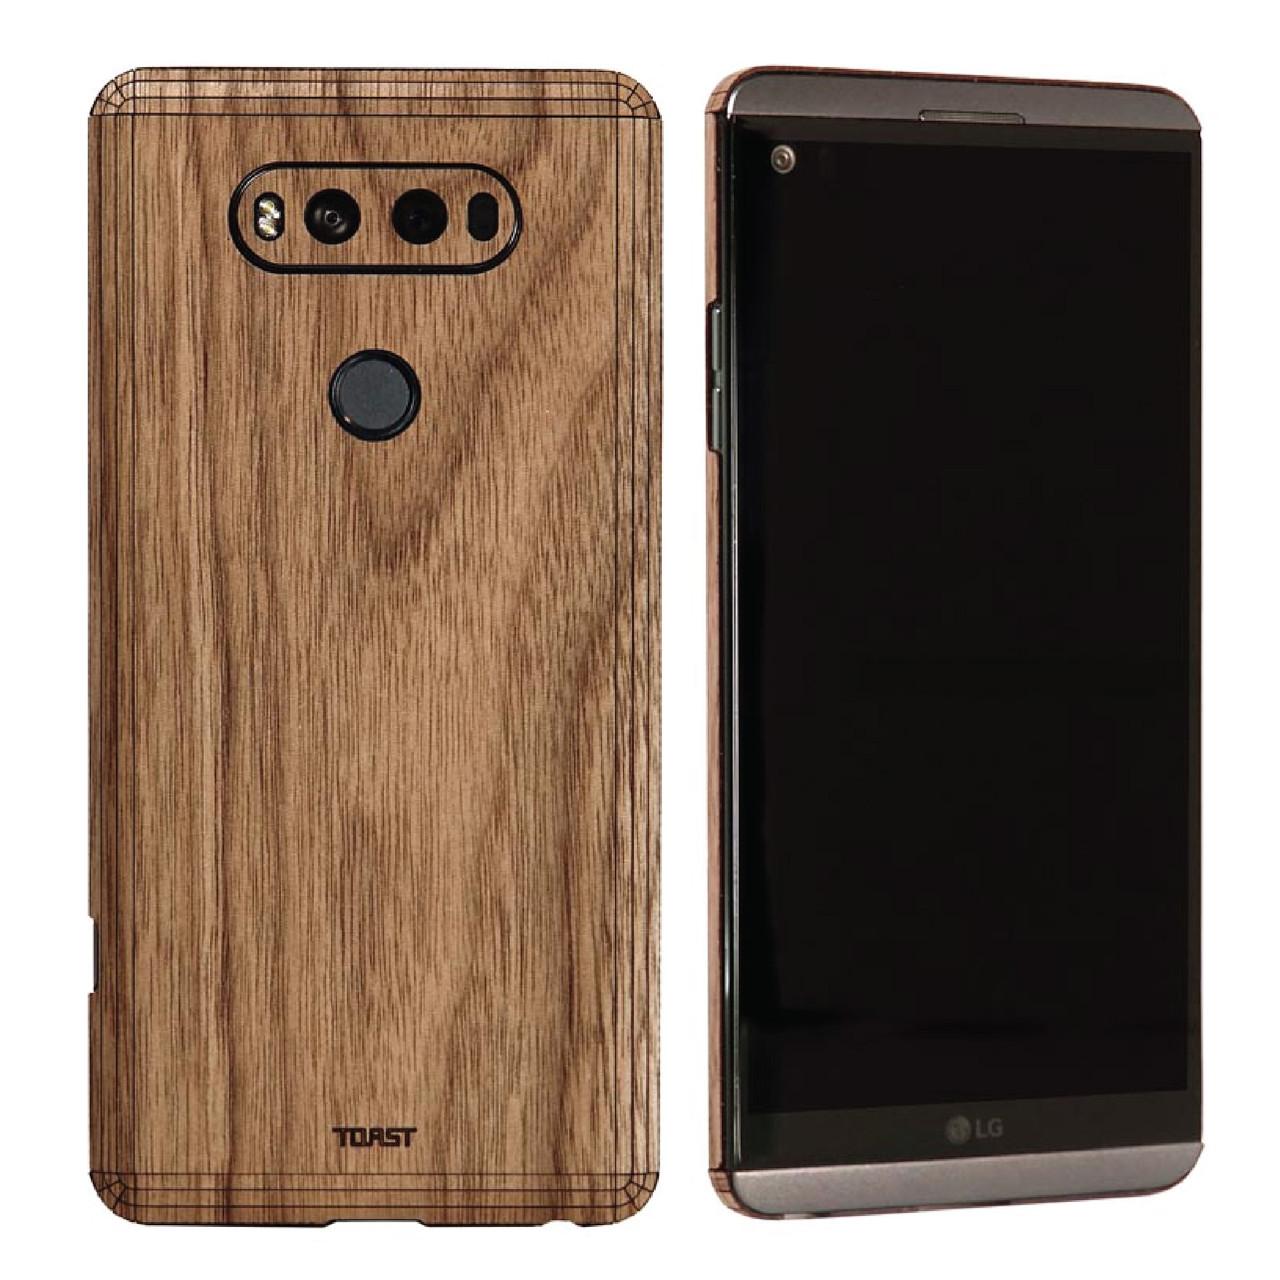 online retailer d2ee9 d4d97 LG V20 wood cover